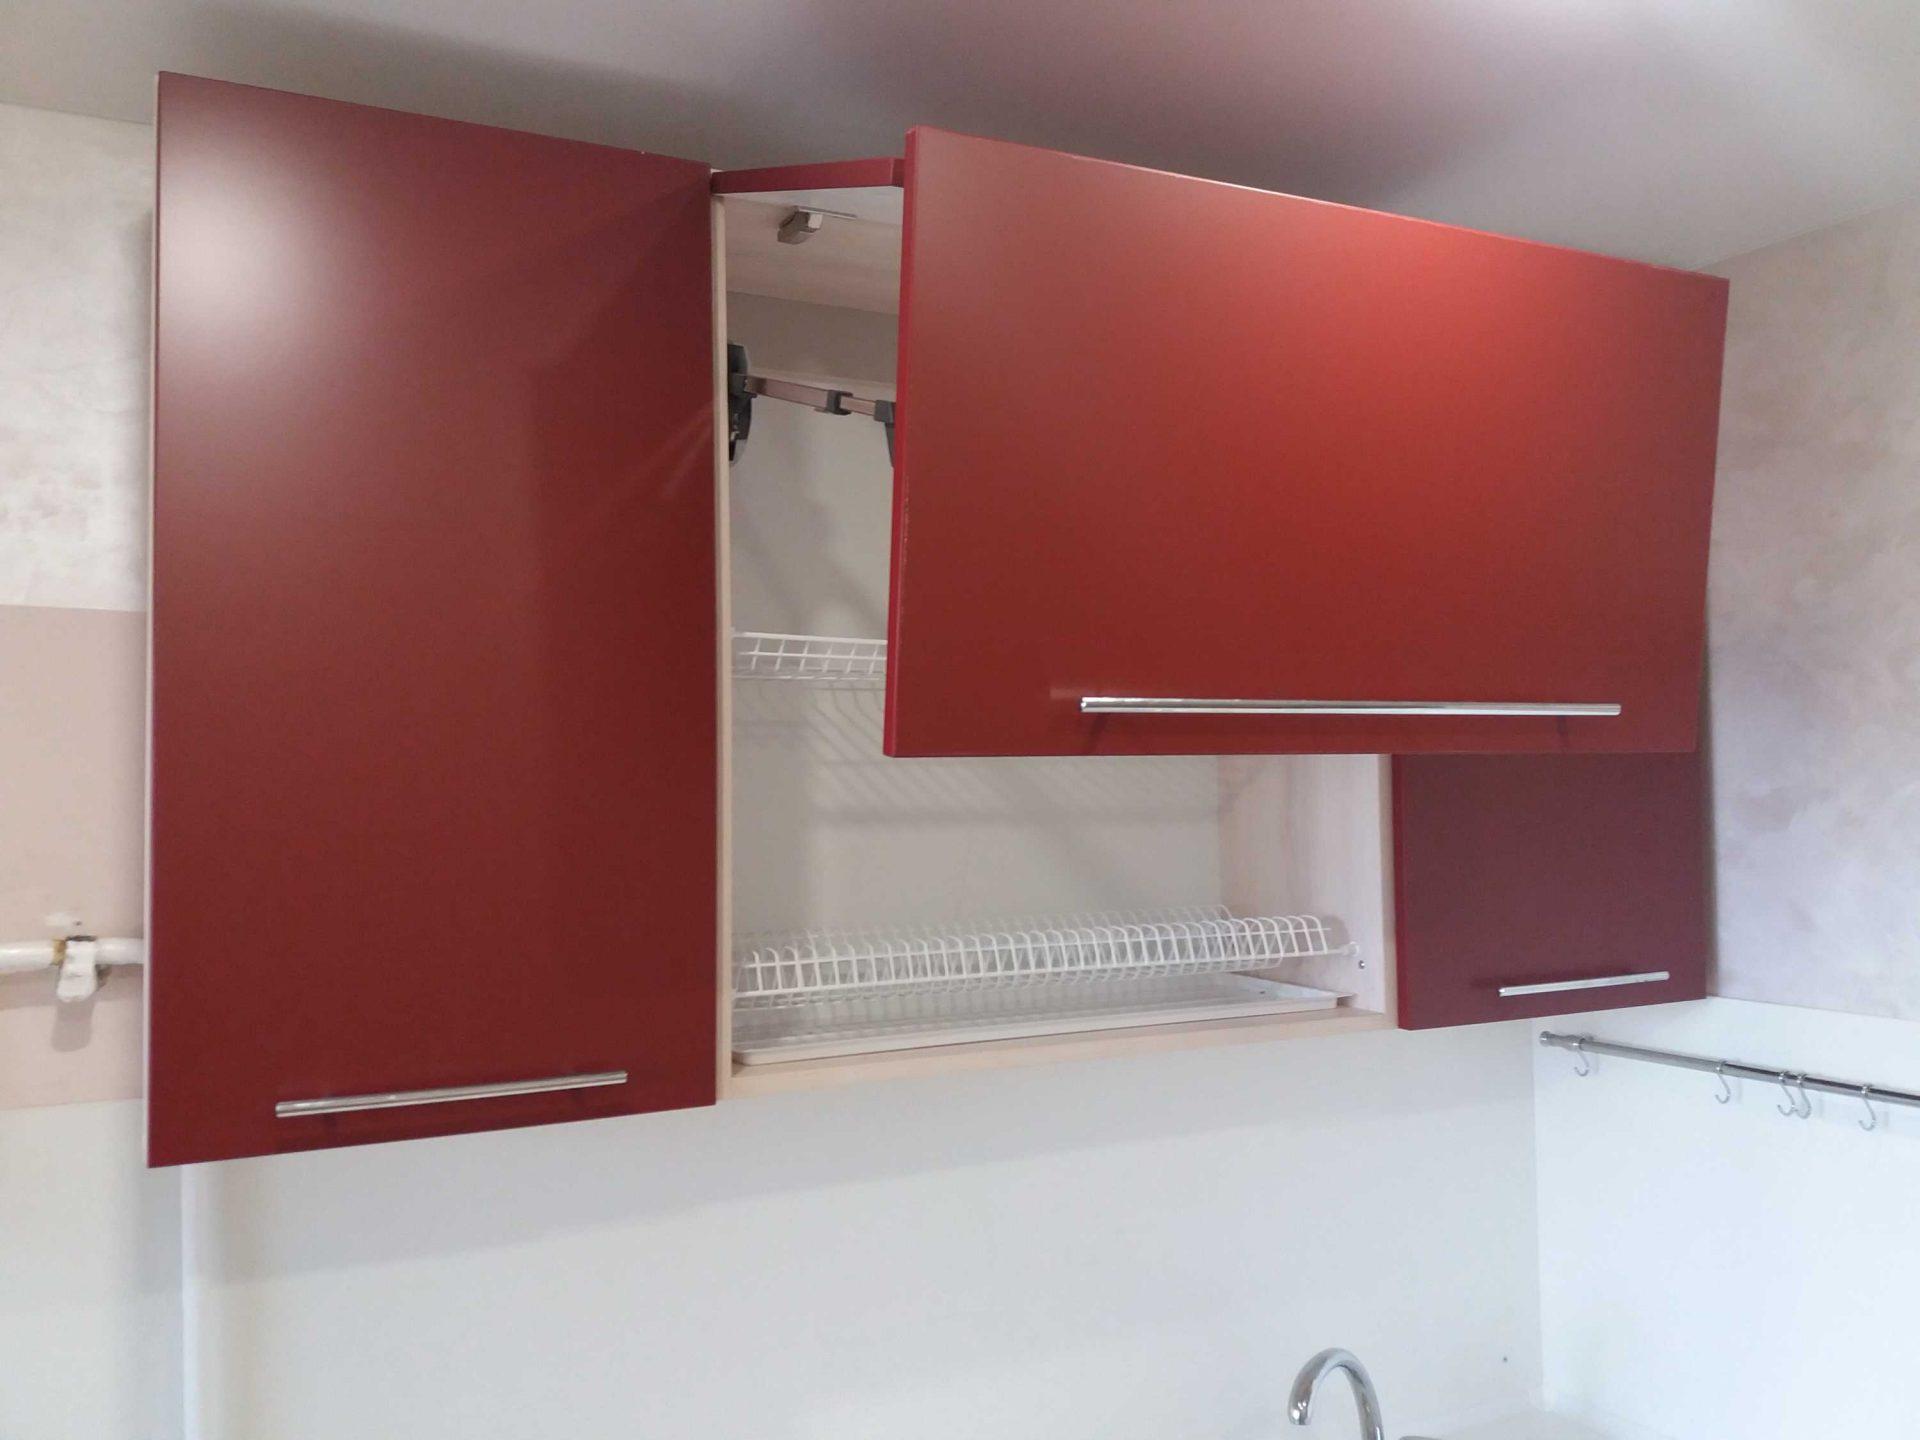 Шкафчик для кухни с АVENTOS - складной подъемник